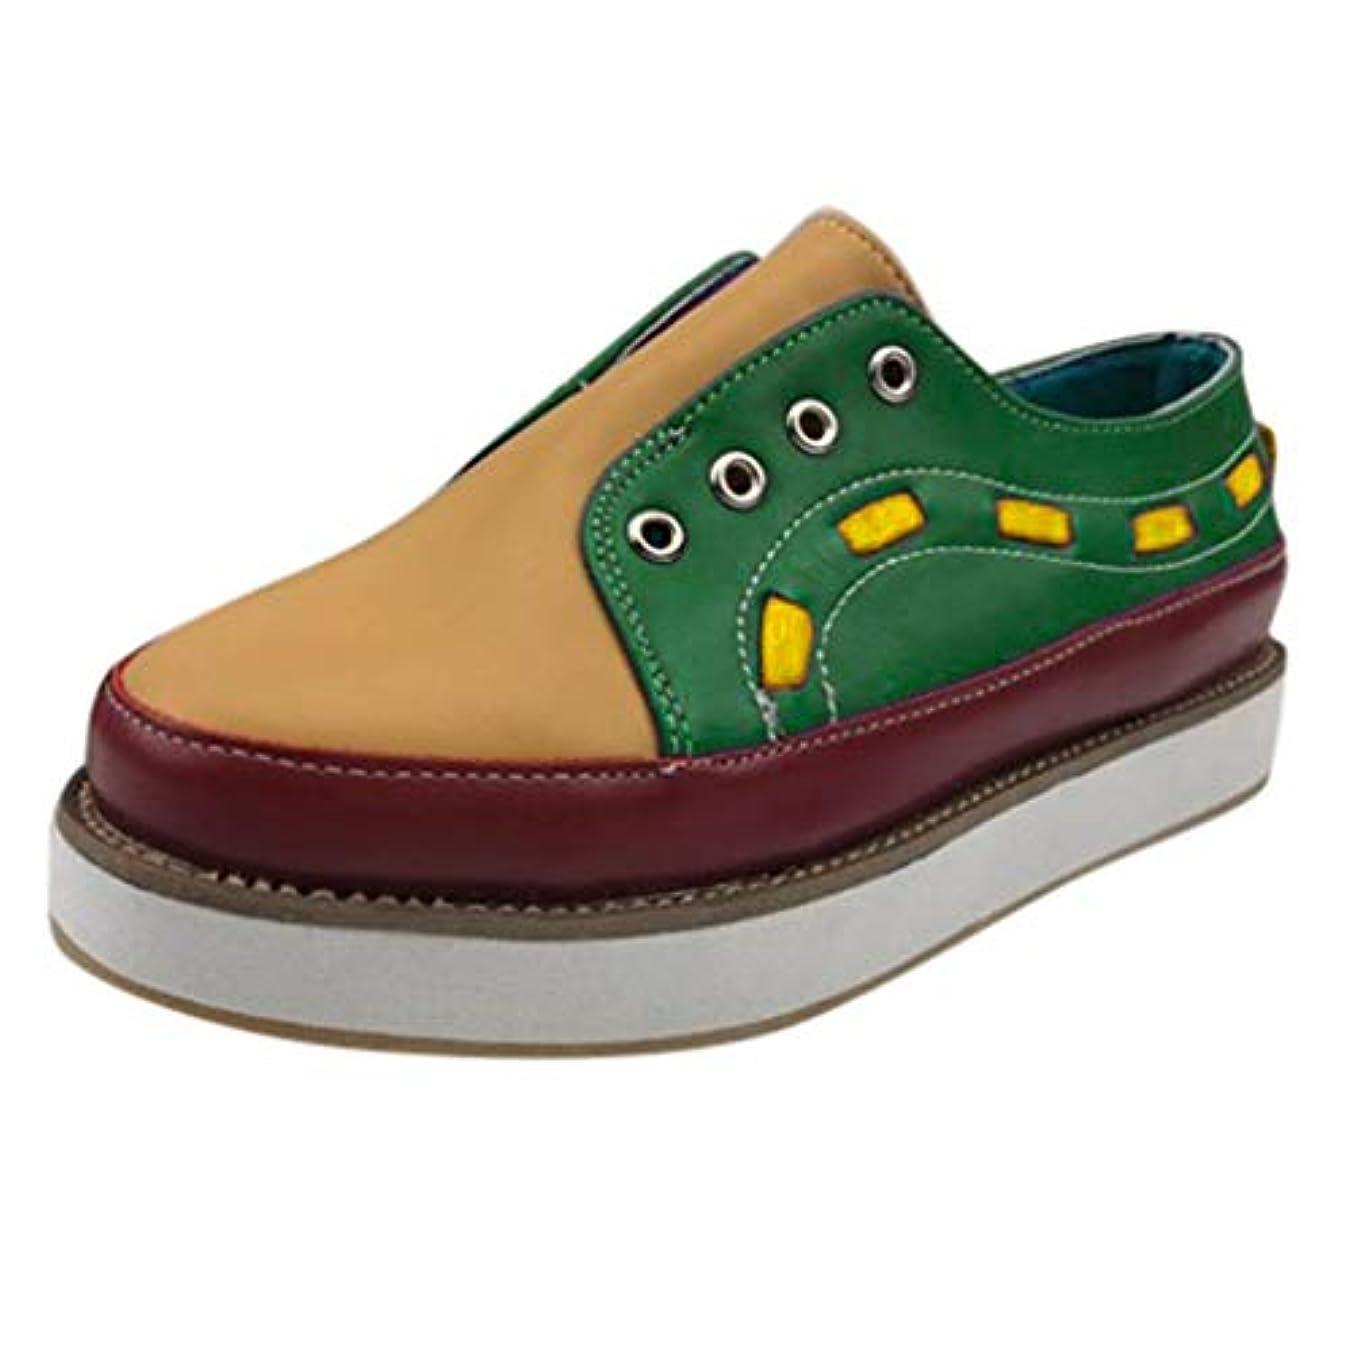 主神経障害強いKauneus Fashion Shoes SHIRT ガールズ